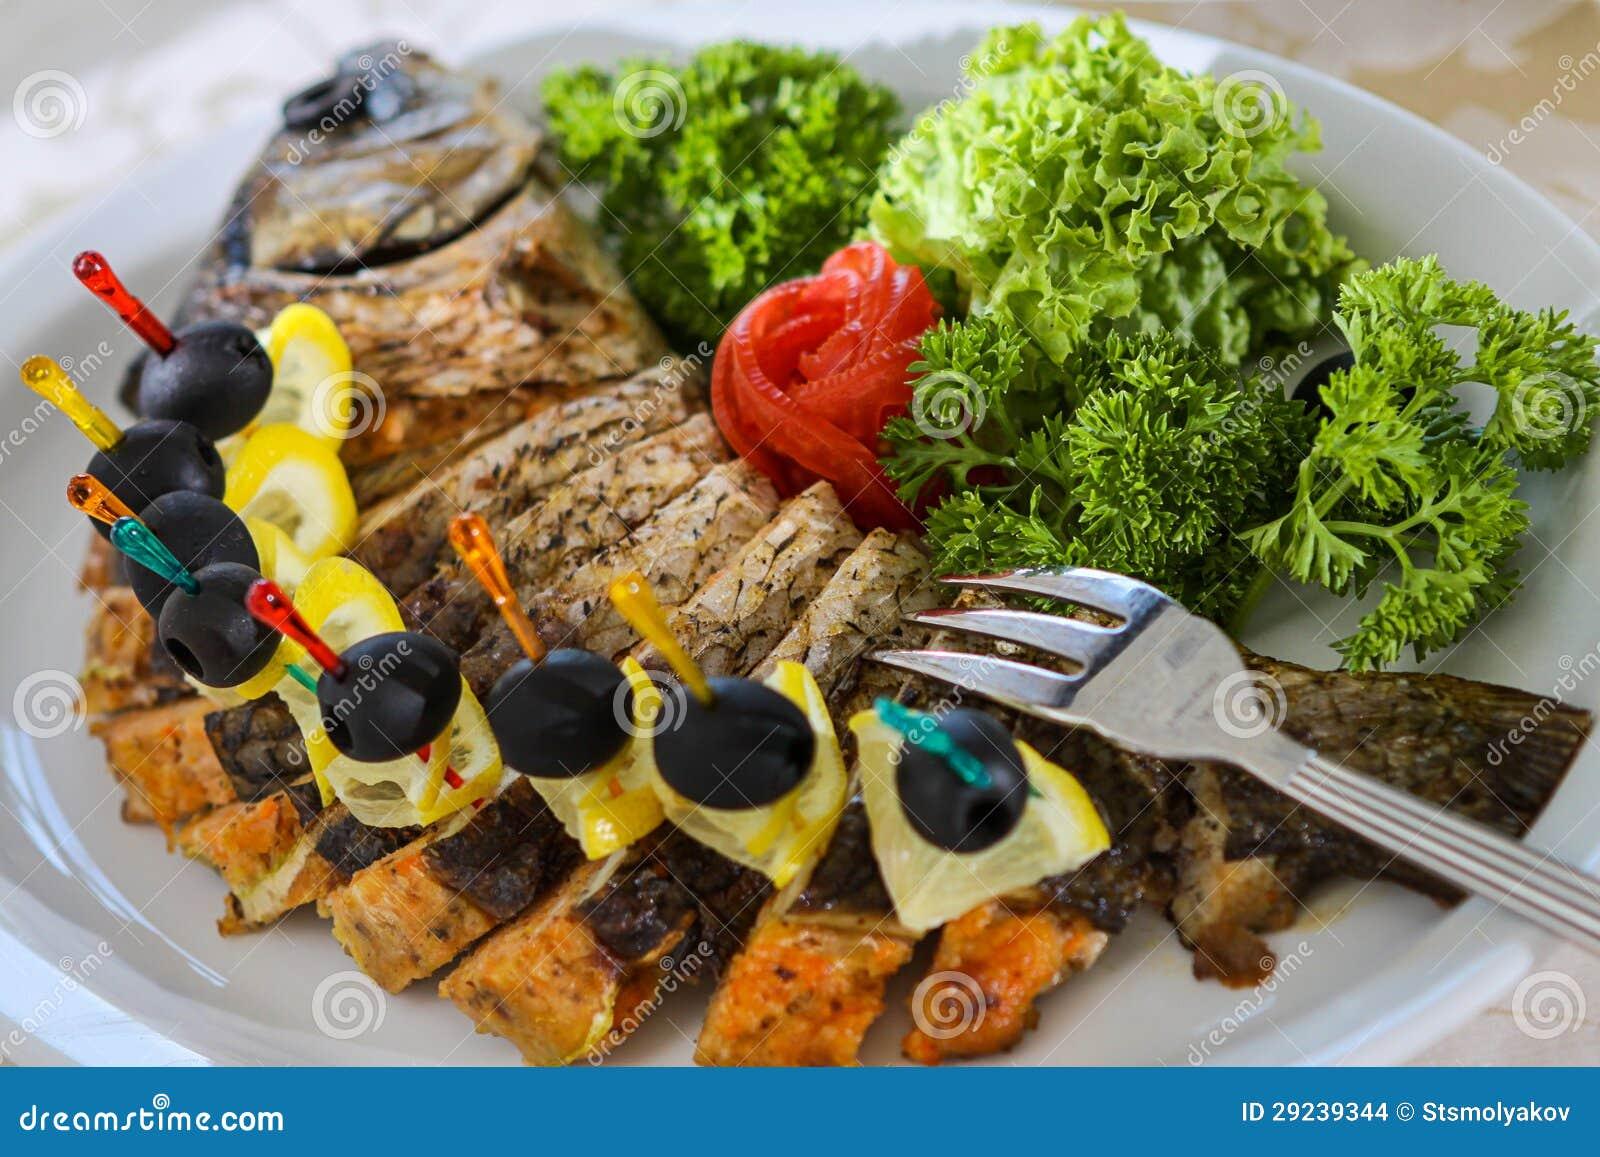 Download Partes de peixes foto de stock. Imagem de saudável, lunch - 29239344